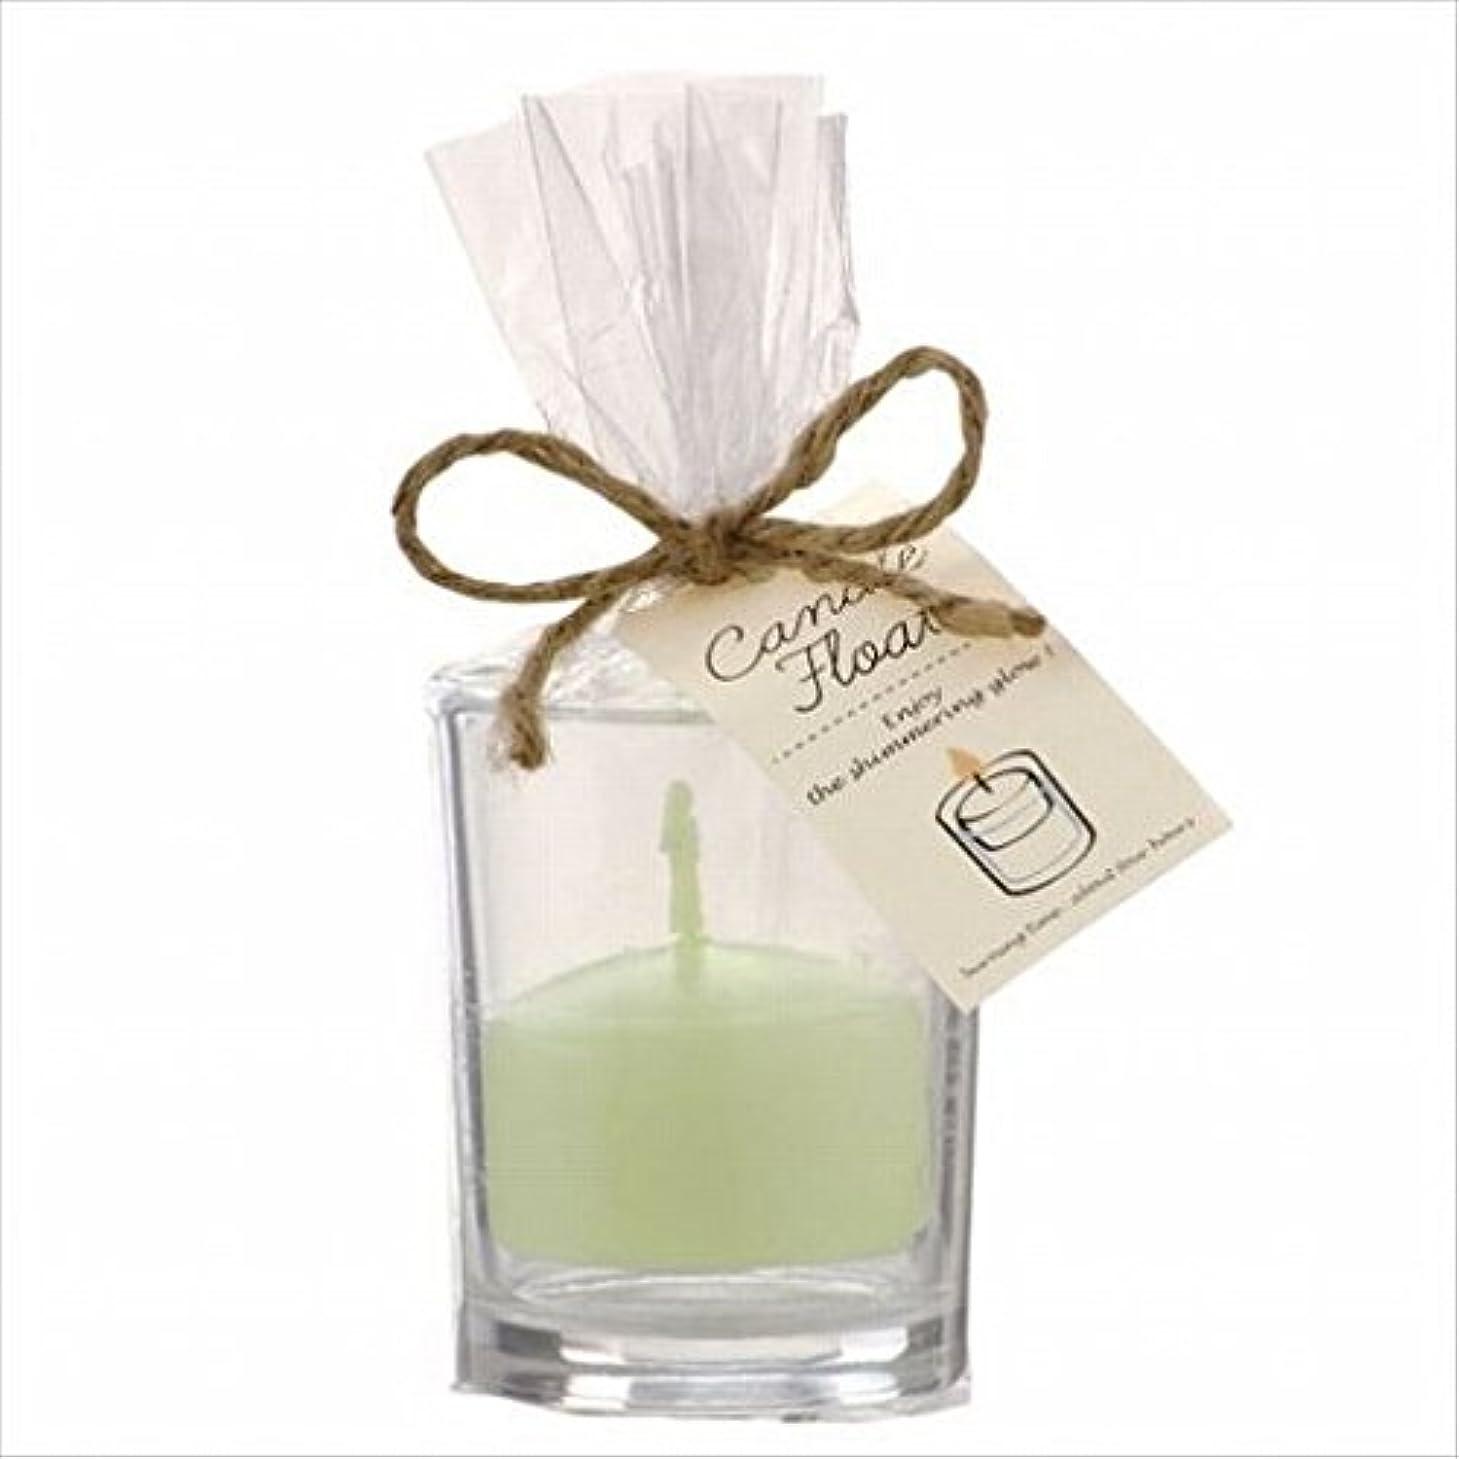 システム特異な応援するkameyama candle(カメヤマキャンドル) キャンドルフロート 「 ホワイトグリーン 」(A7770000WG)